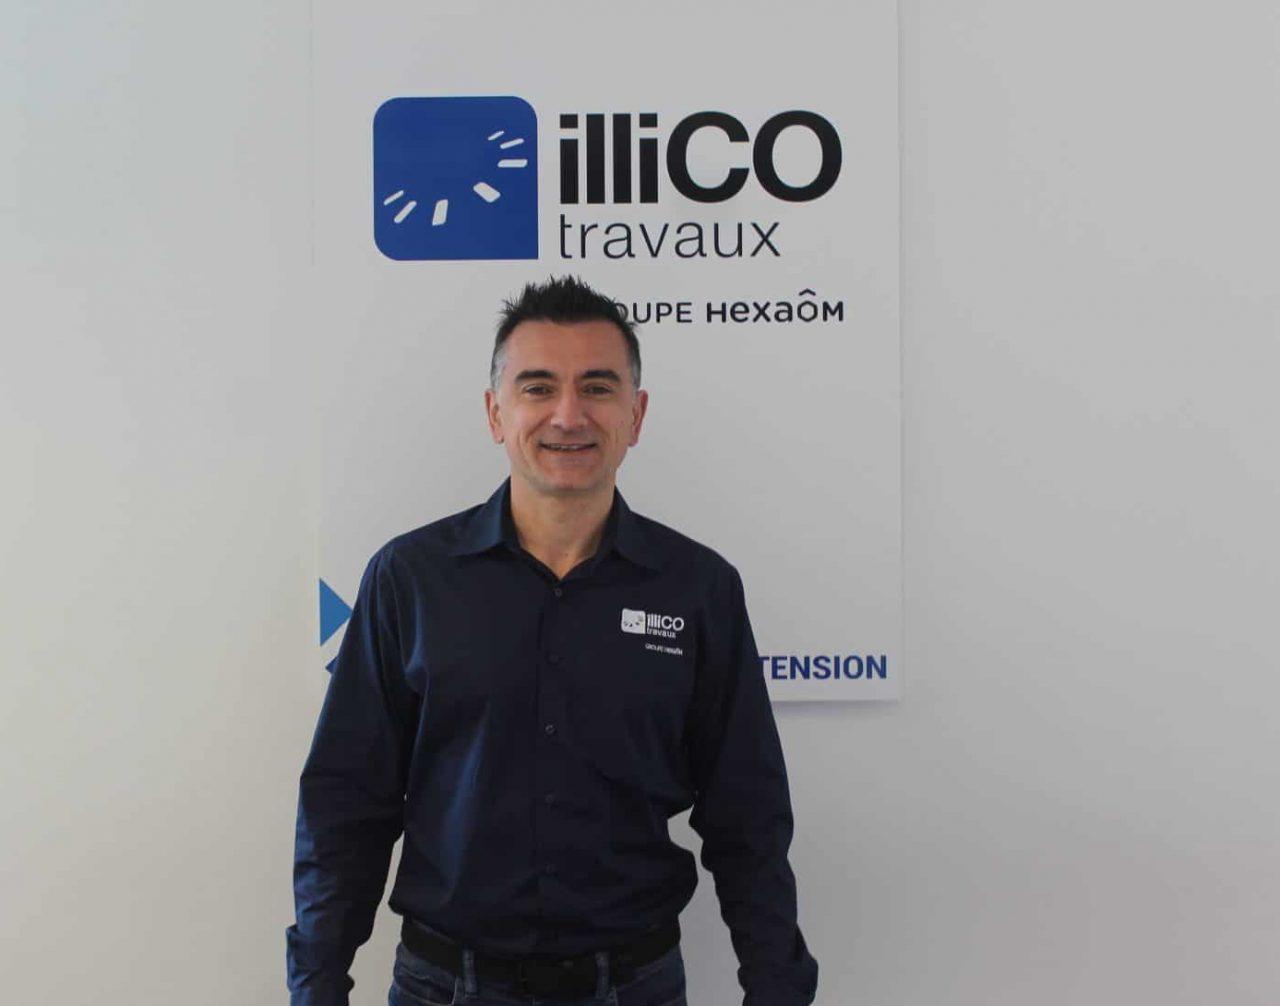 Frédérik Cortet interlocuteur unique de l'agence locale illiCO travaux Mérignac - Pessac